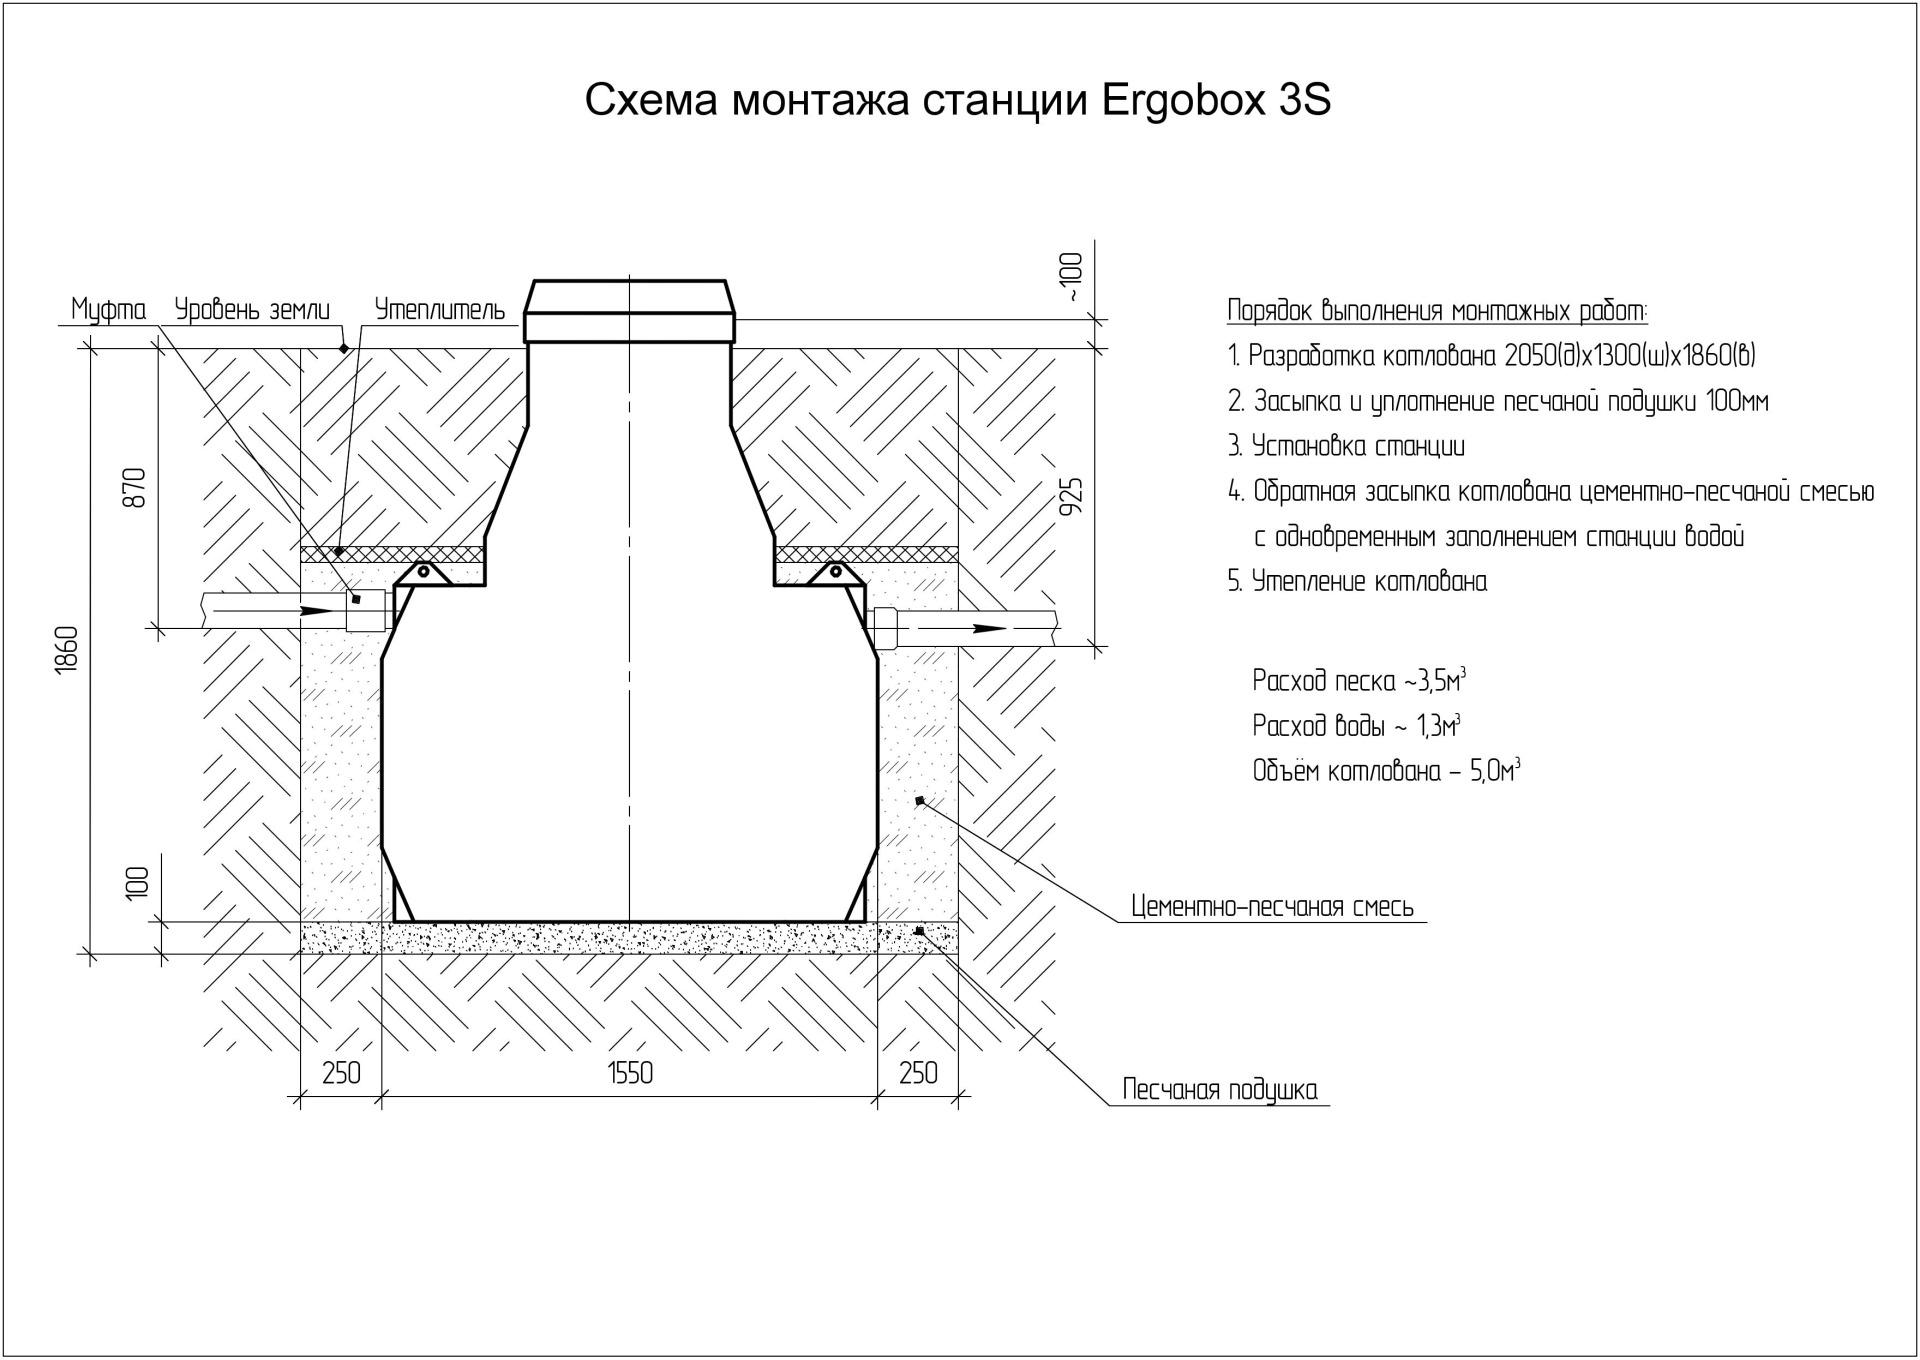 Монтажная схема Эргобокс 3